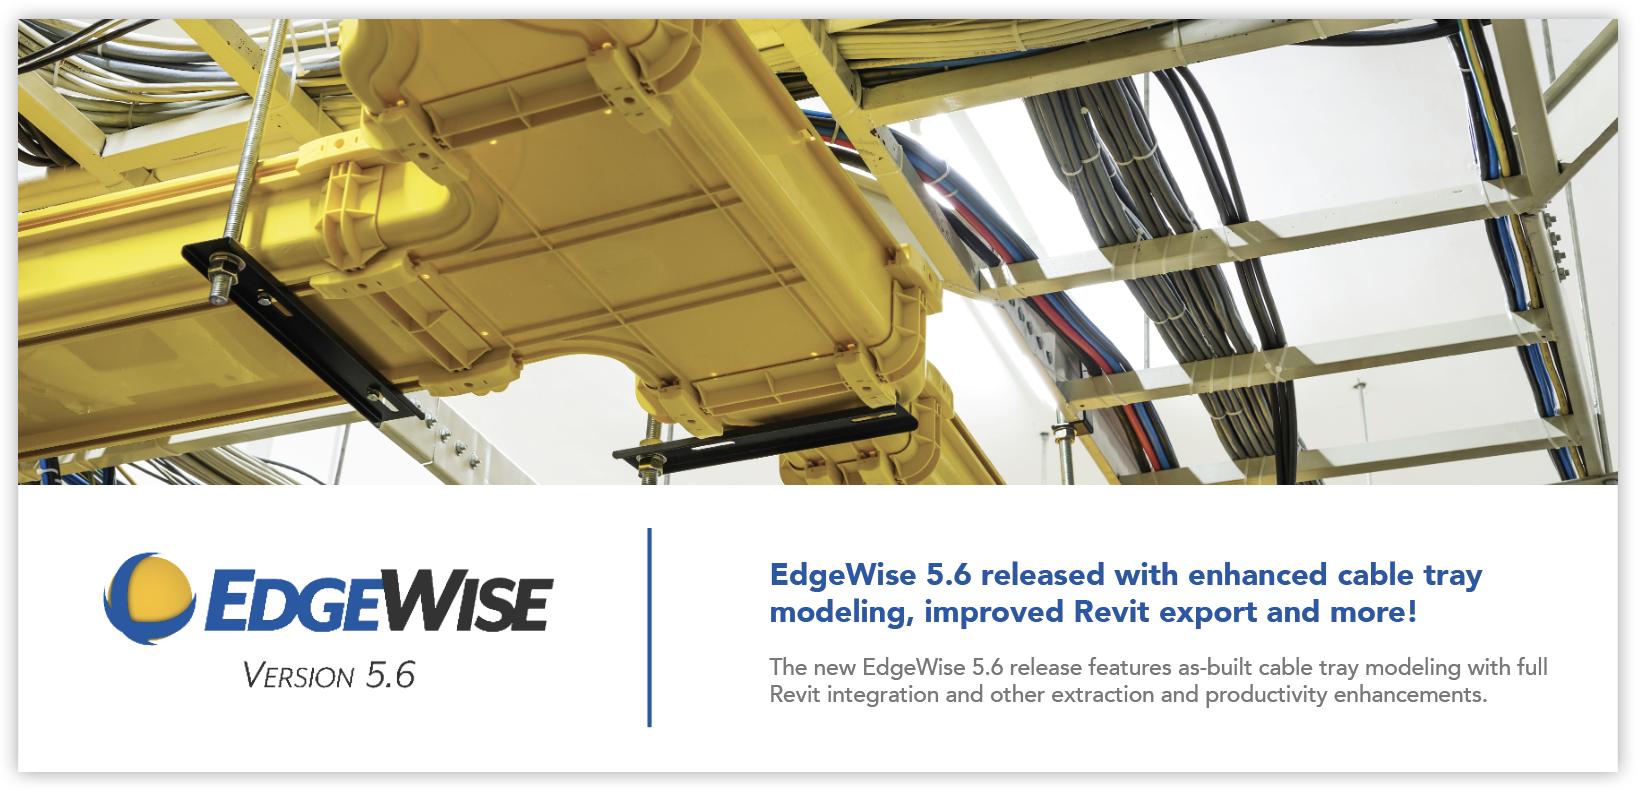 EdgeWise 5.6